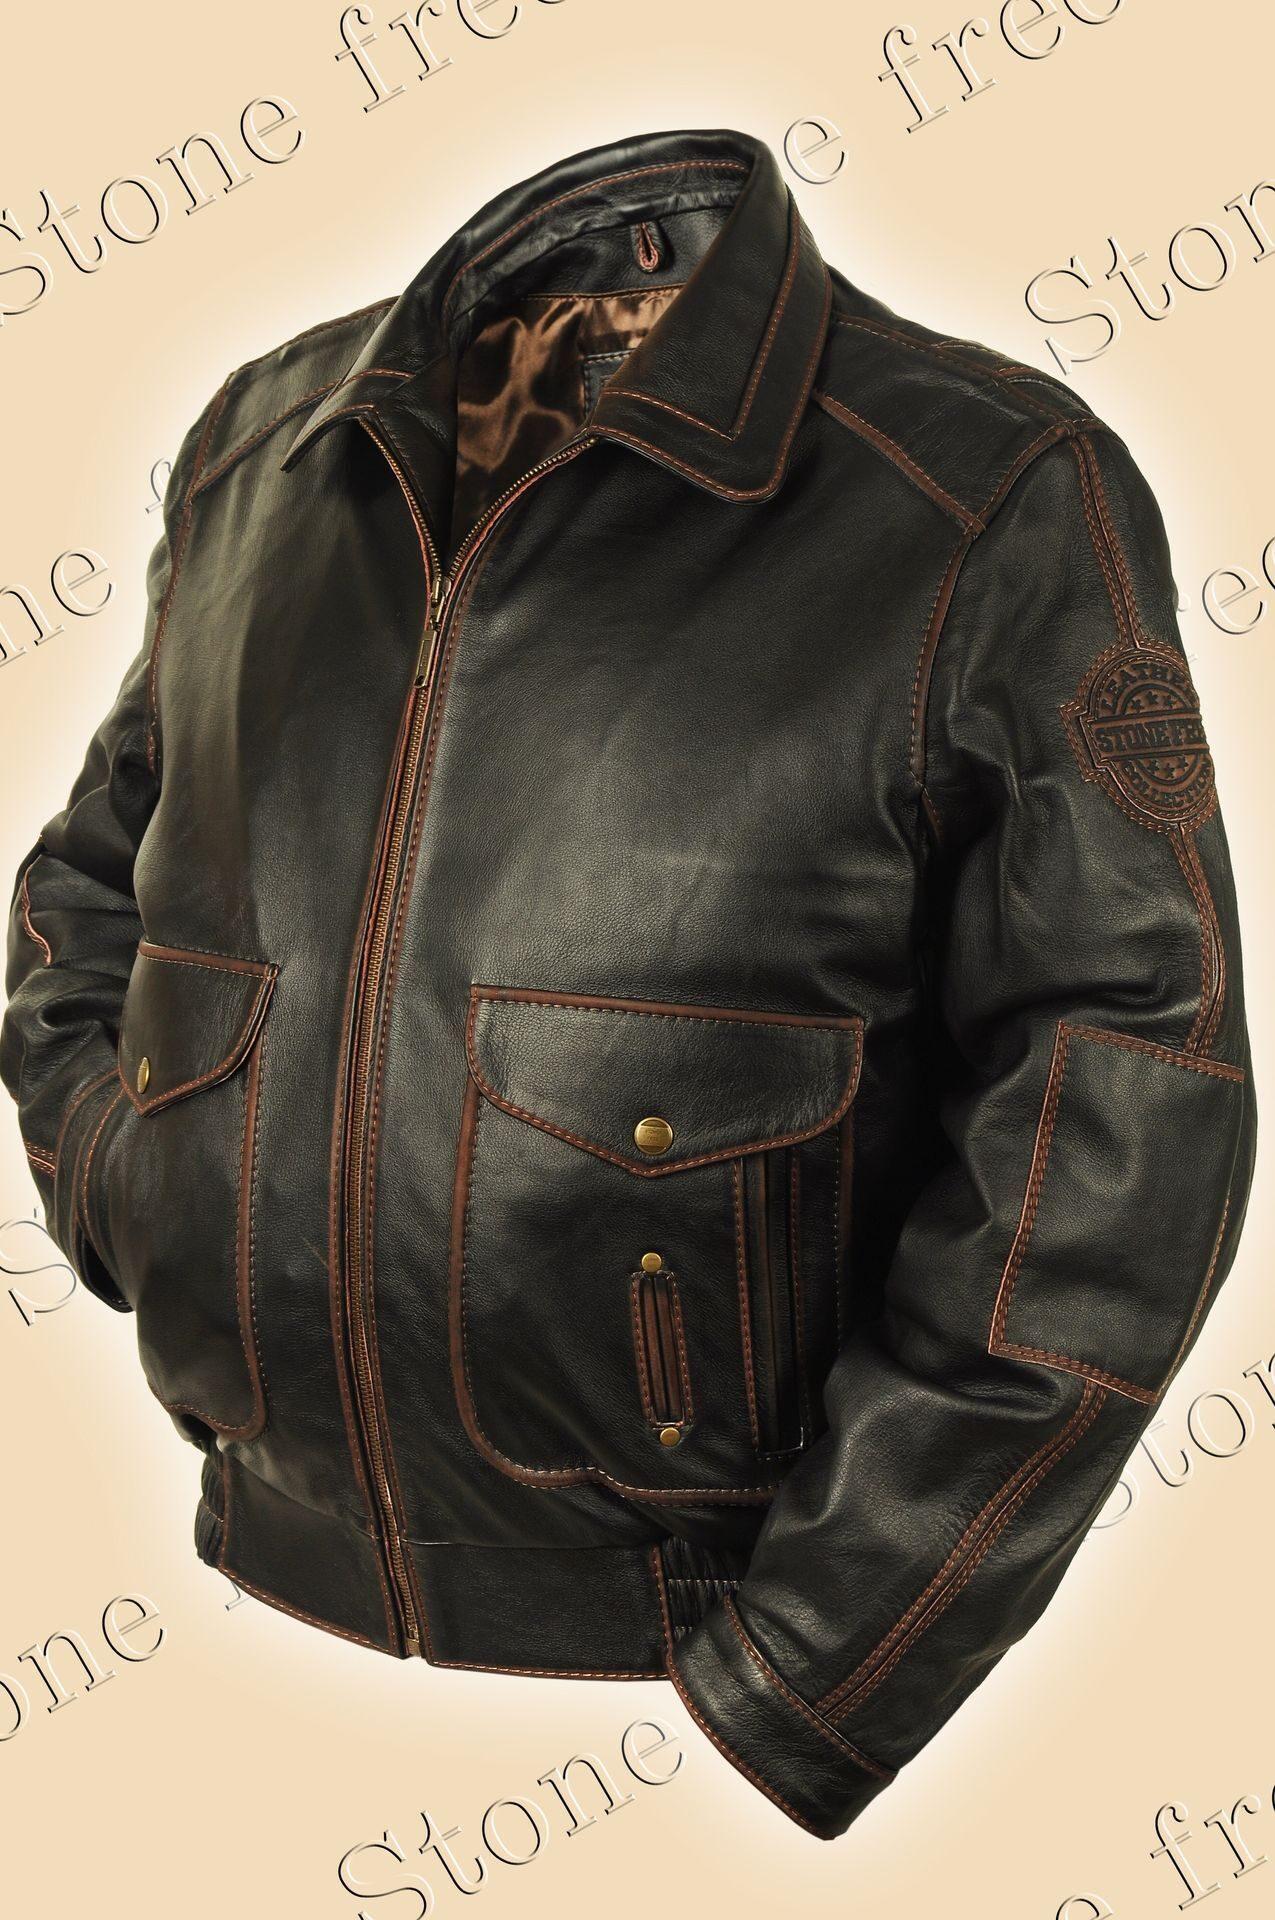 b8198e1b Куртка кожаная Пилот мужская из кожи буйвола Top gun 3